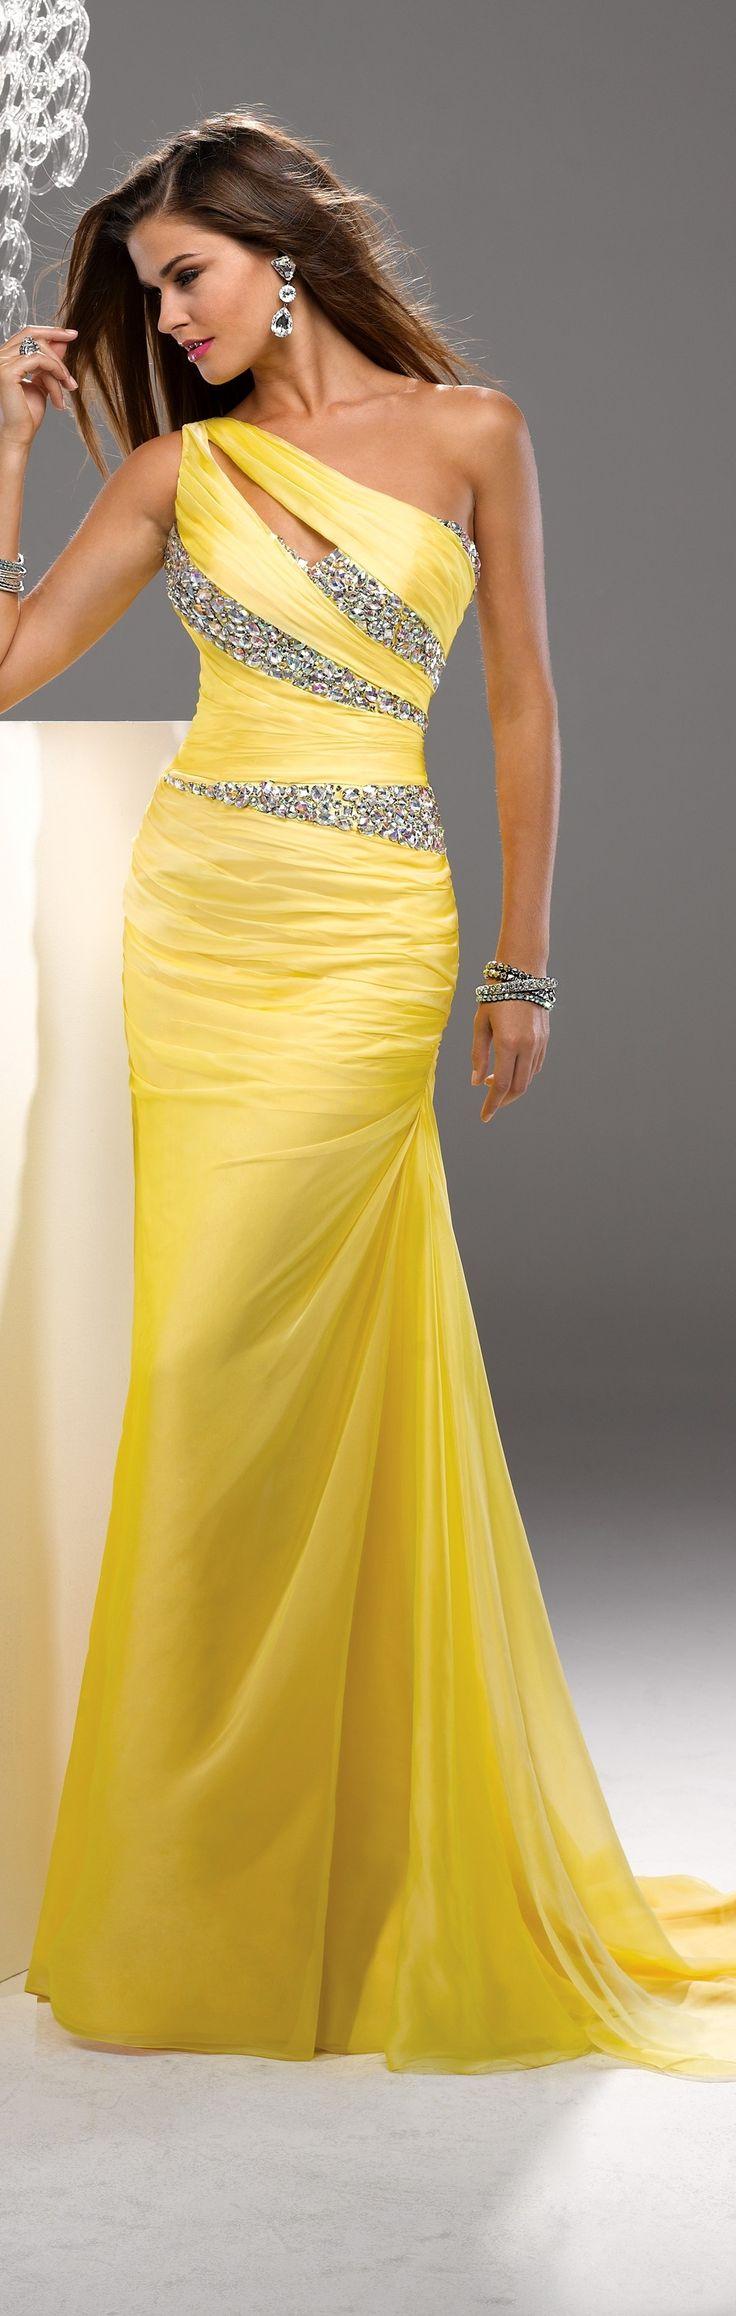 Flirt high couture 2013/2014 ~